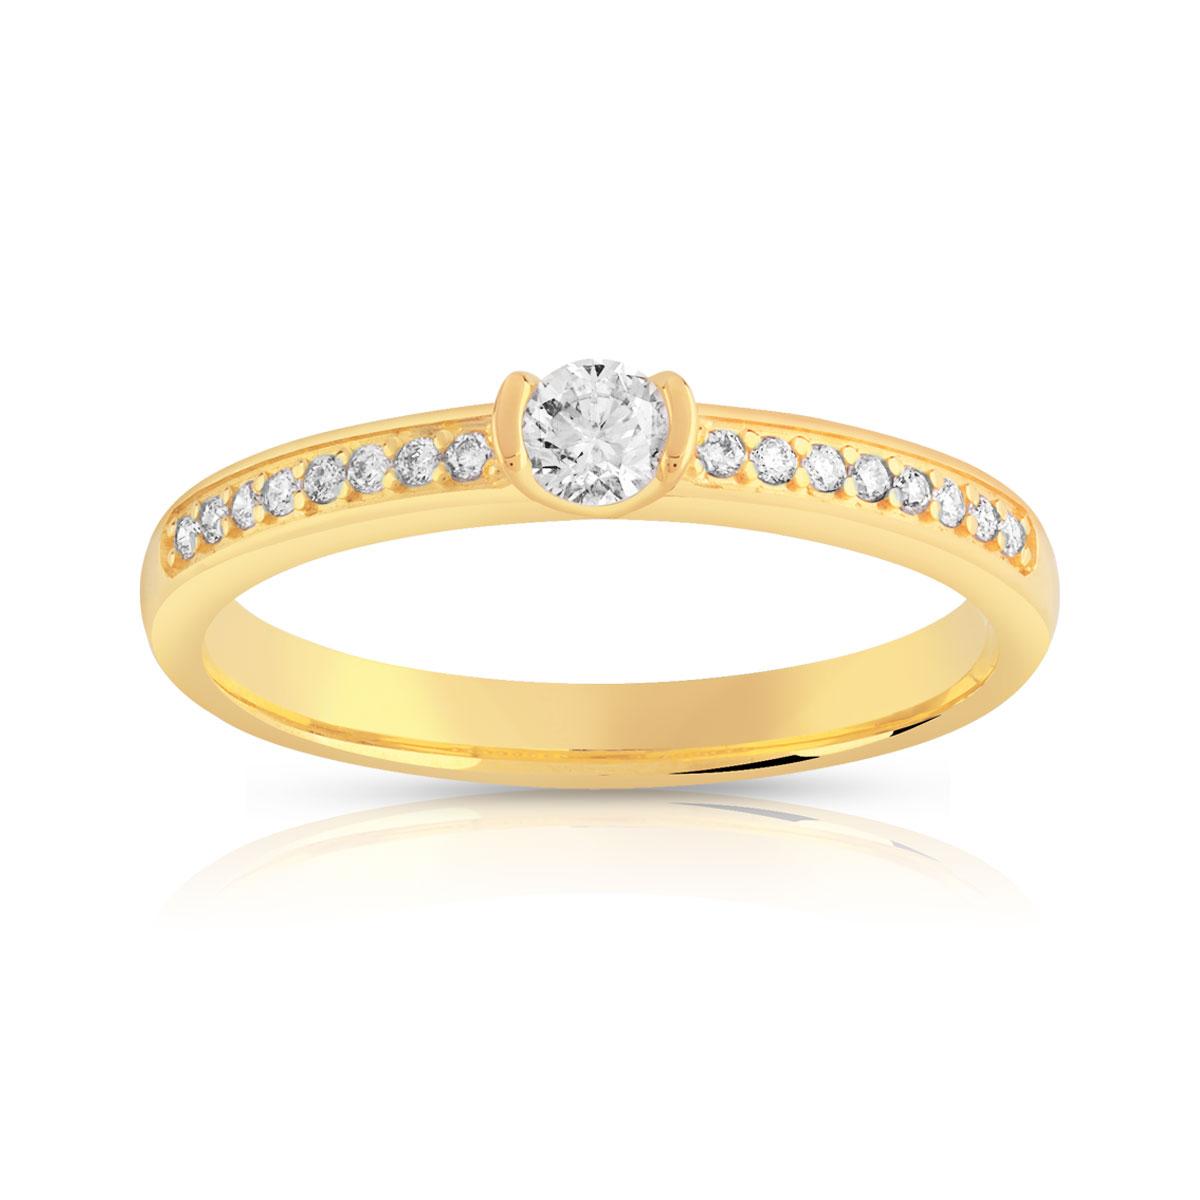 bague solitaire or 750 jaune diamant 20 100e de carat. Black Bedroom Furniture Sets. Home Design Ideas